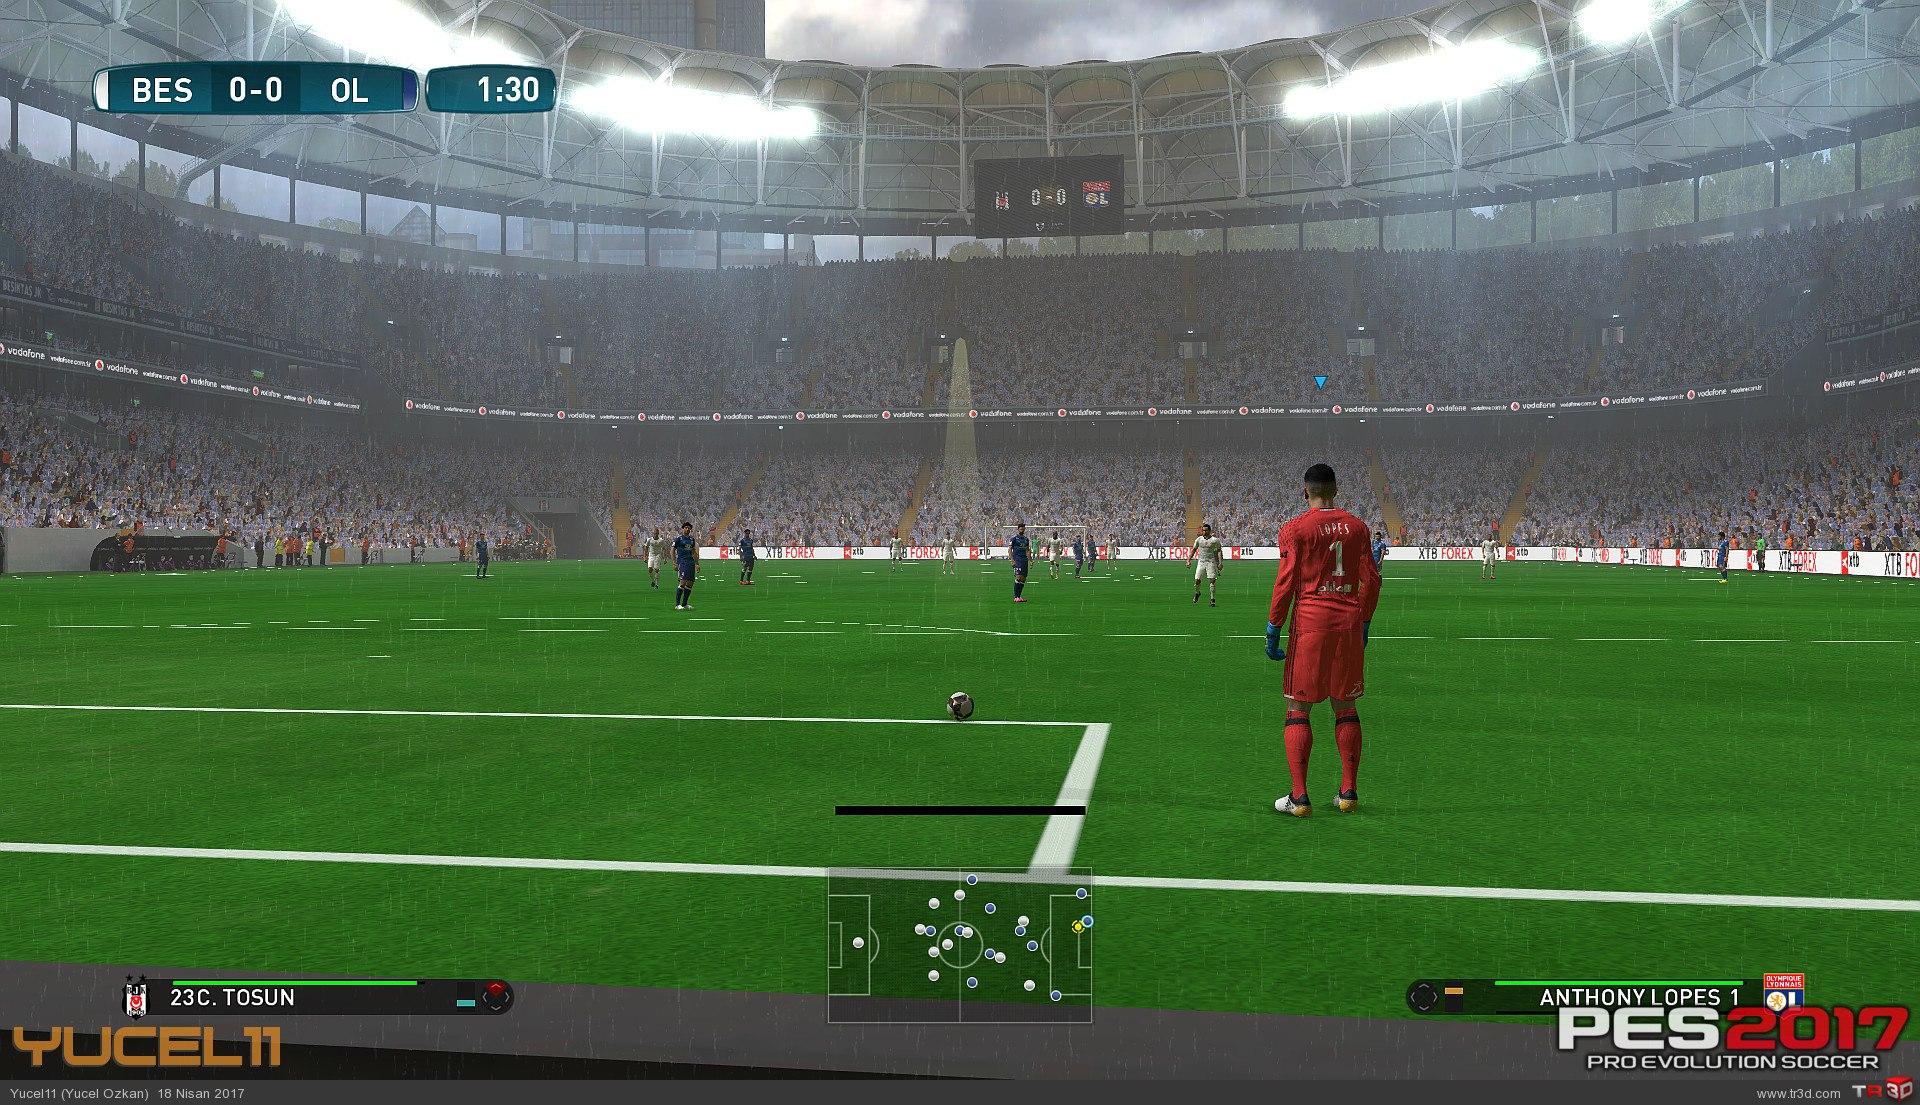 Beşiktaş Vodafone Arena Pes 2017 2